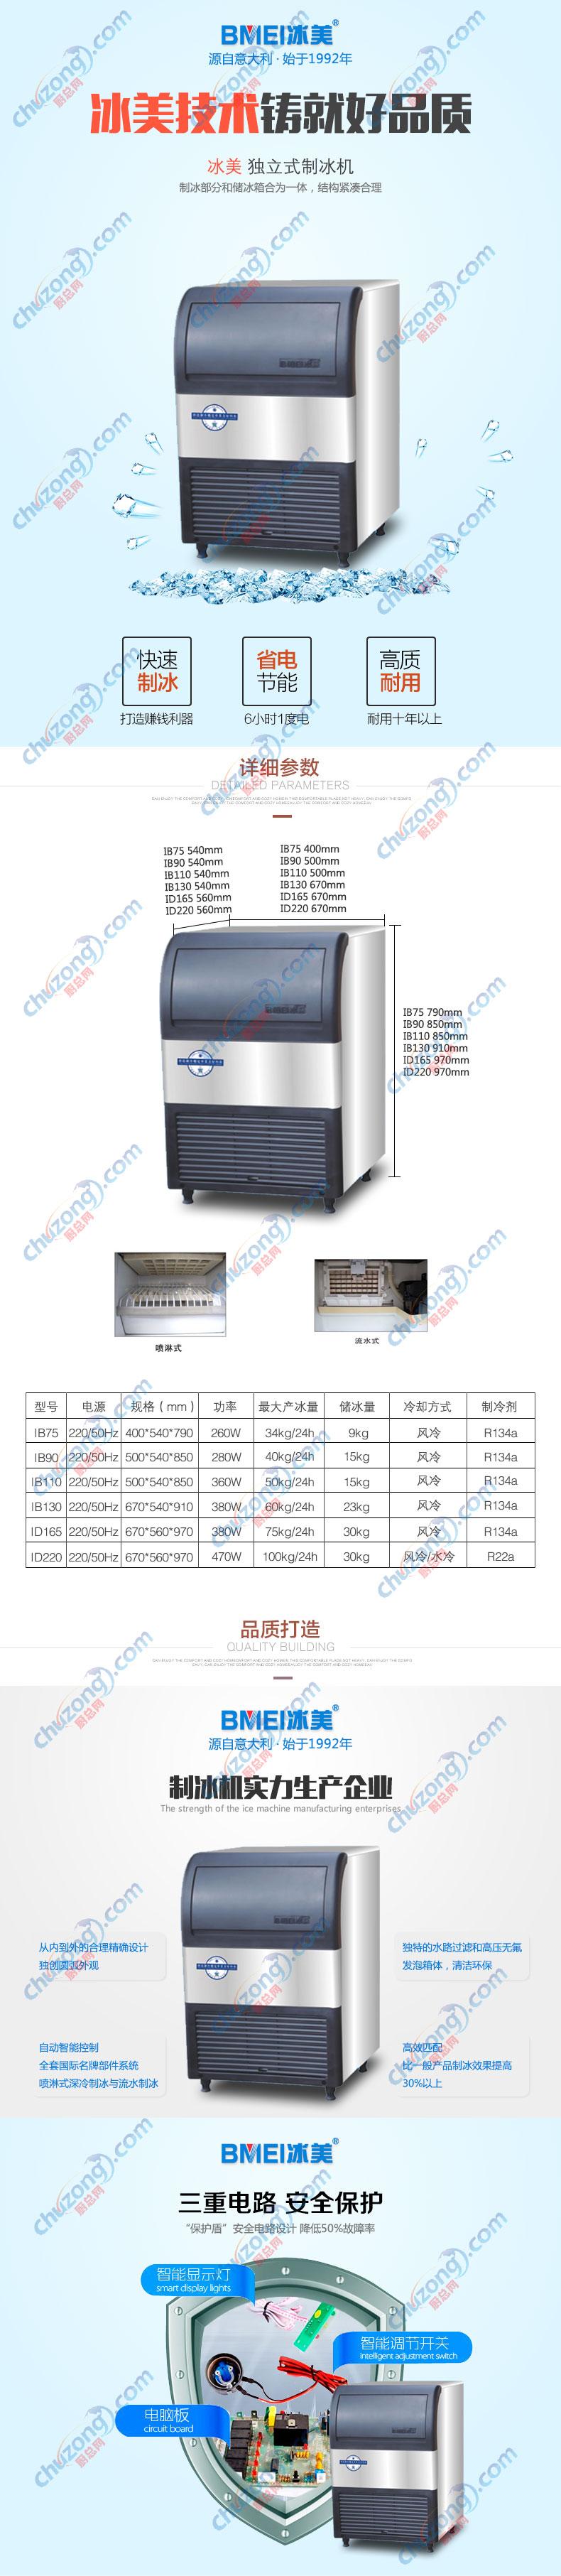 冰美制冰机IB90详情图